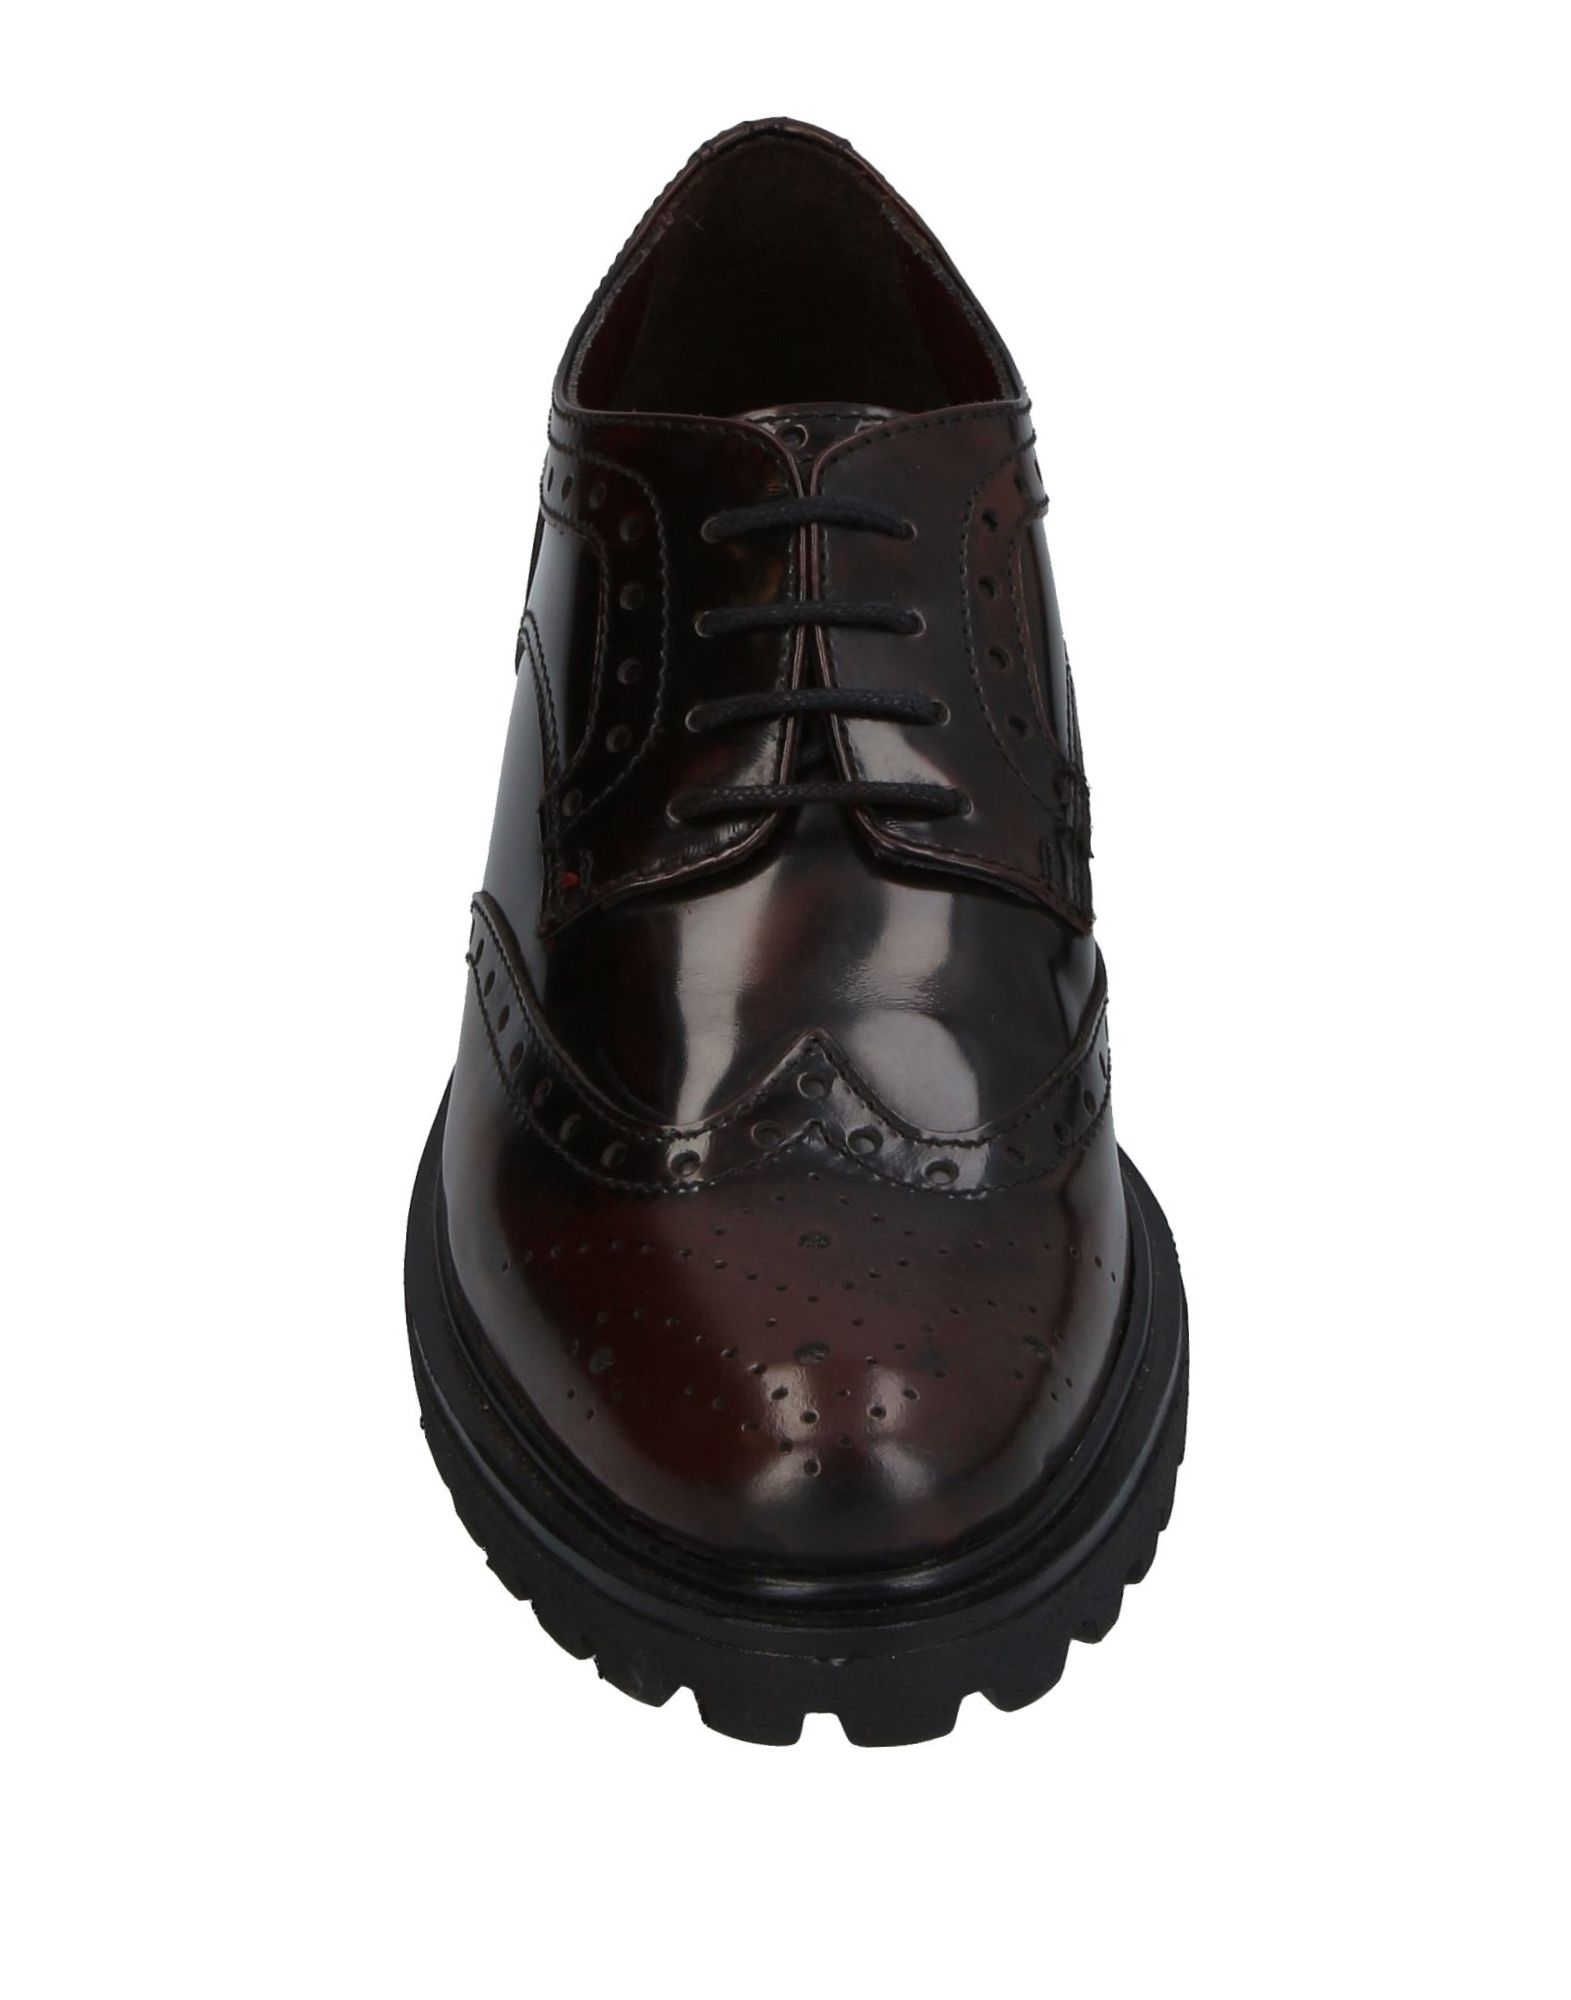 CHAUSSURES - Chaussures à lacetsAnna Fidanza zvgNWfu